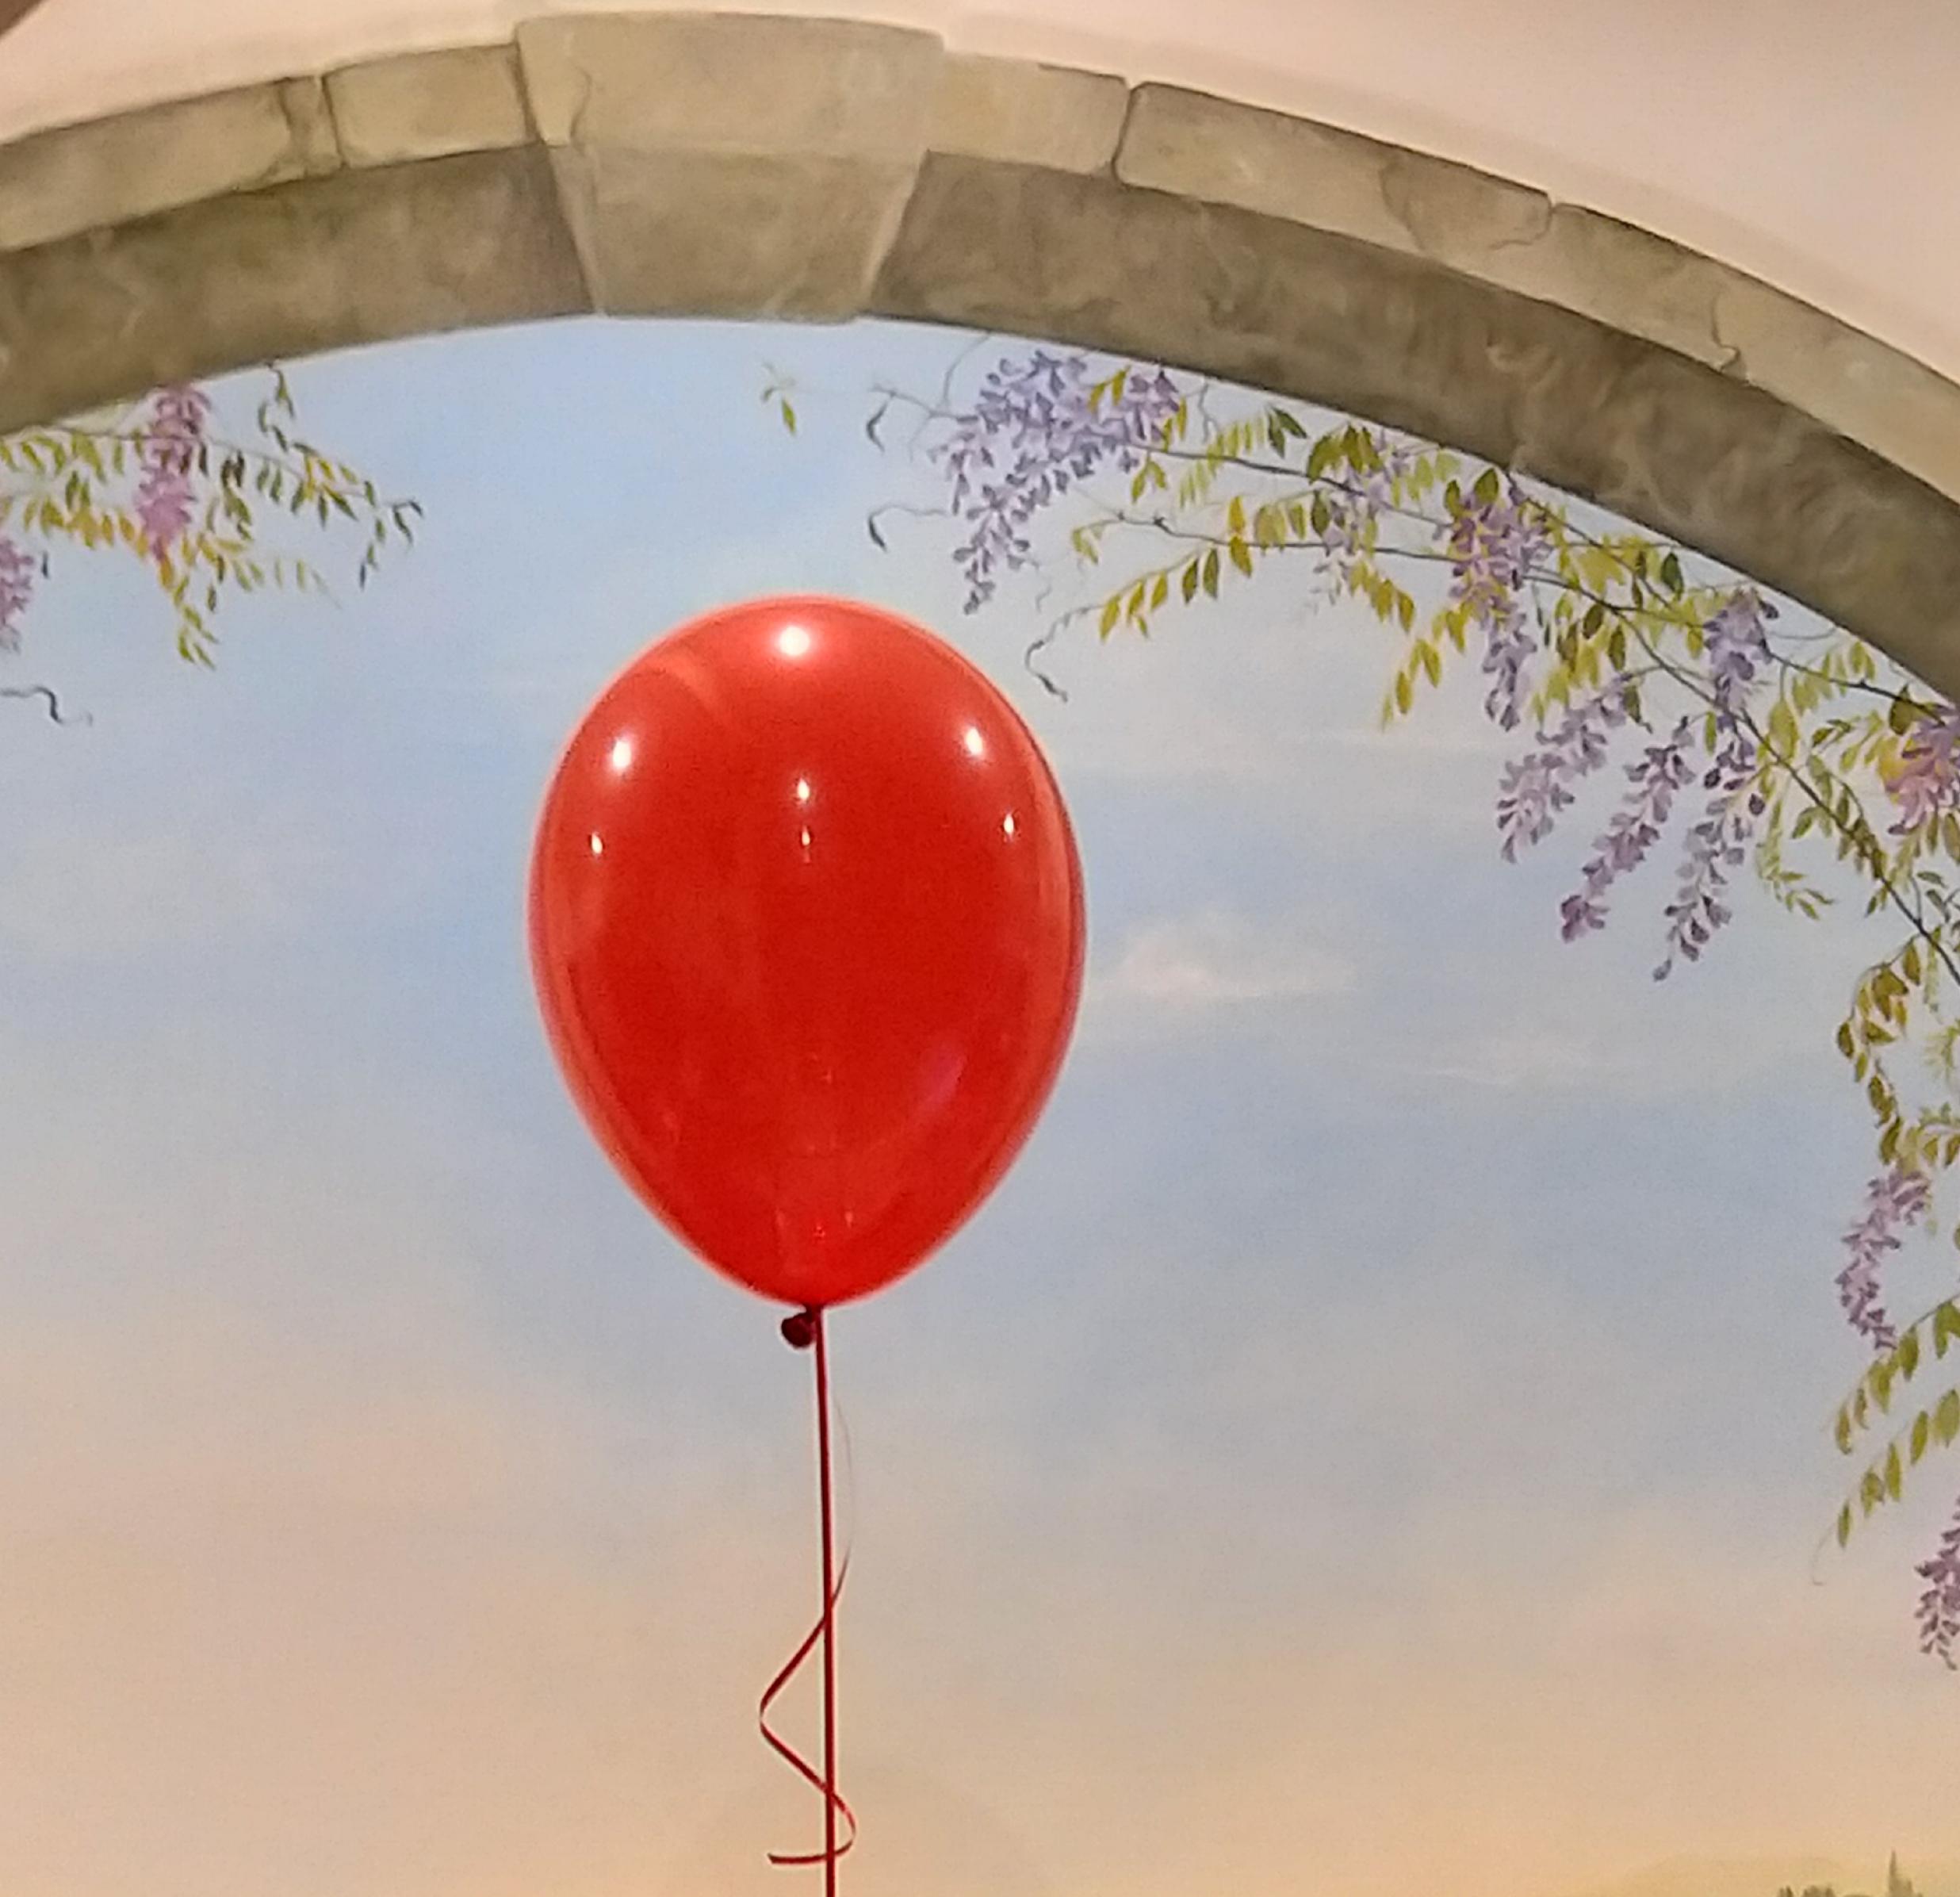 Cosa fanno i  palloncini in cielo?